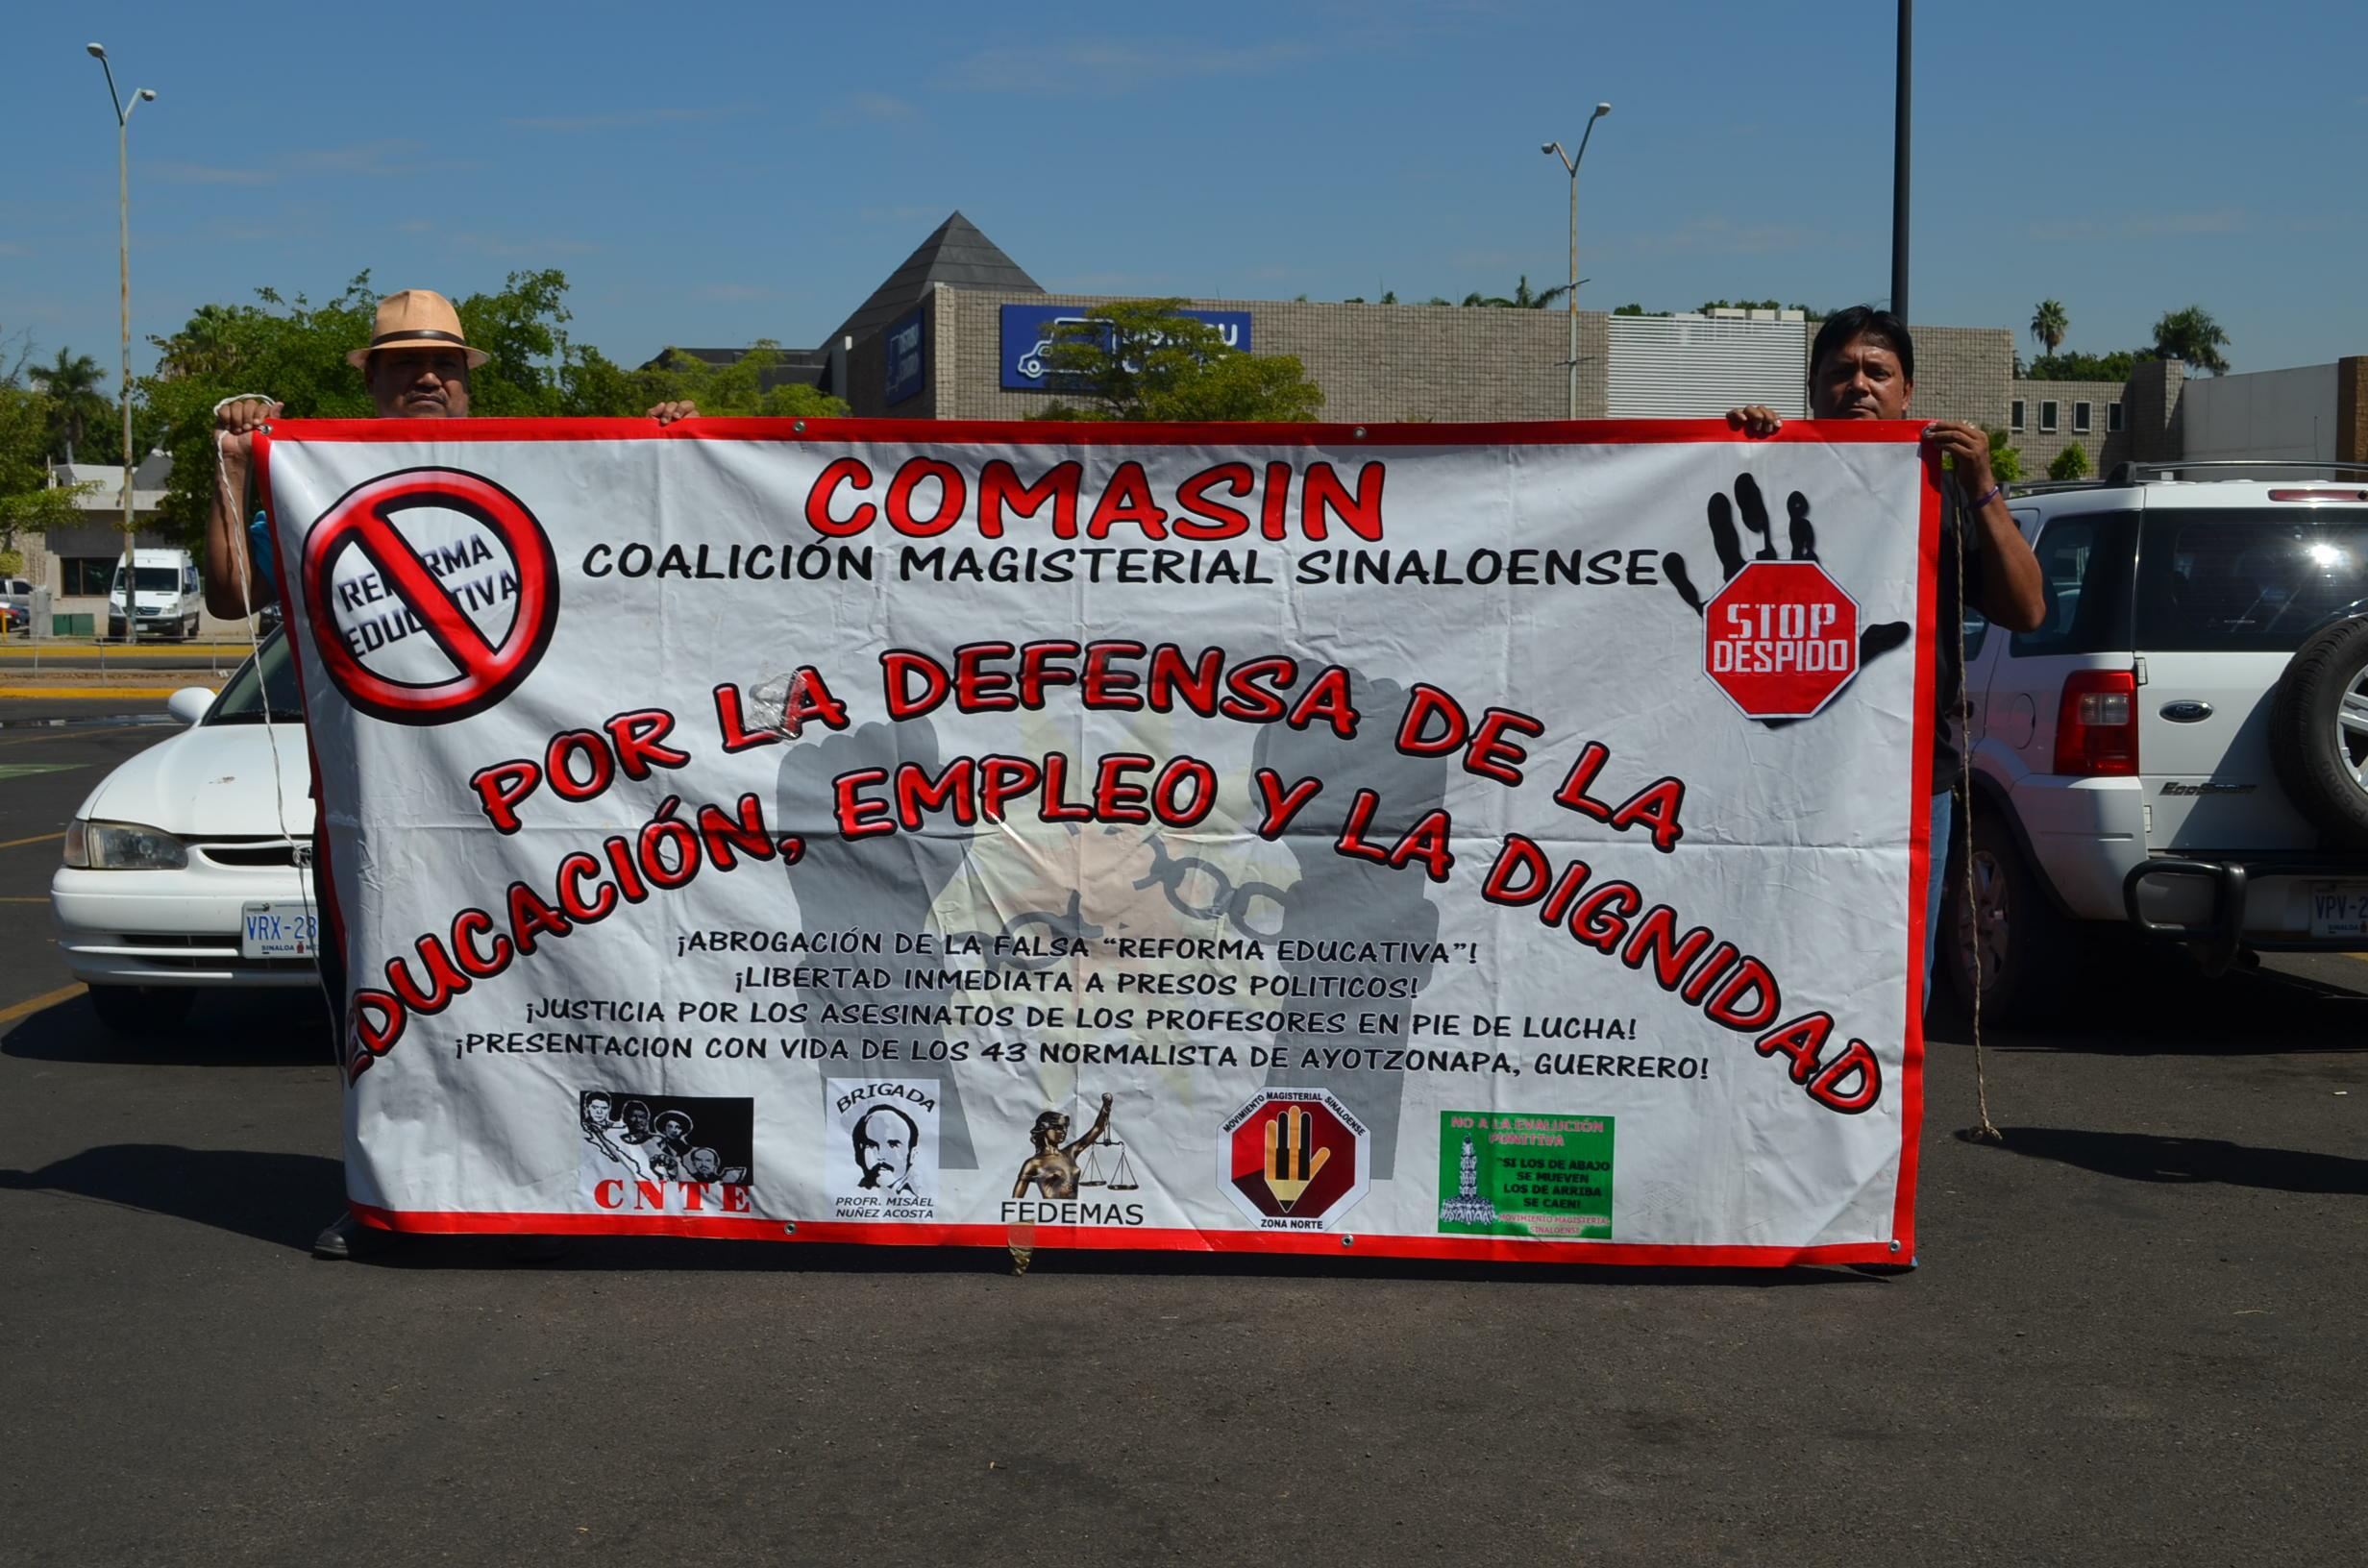 Se crea la coalición COMASIN como comisión en defensa de los maestros. Fotografía: Gabriela Sánchez